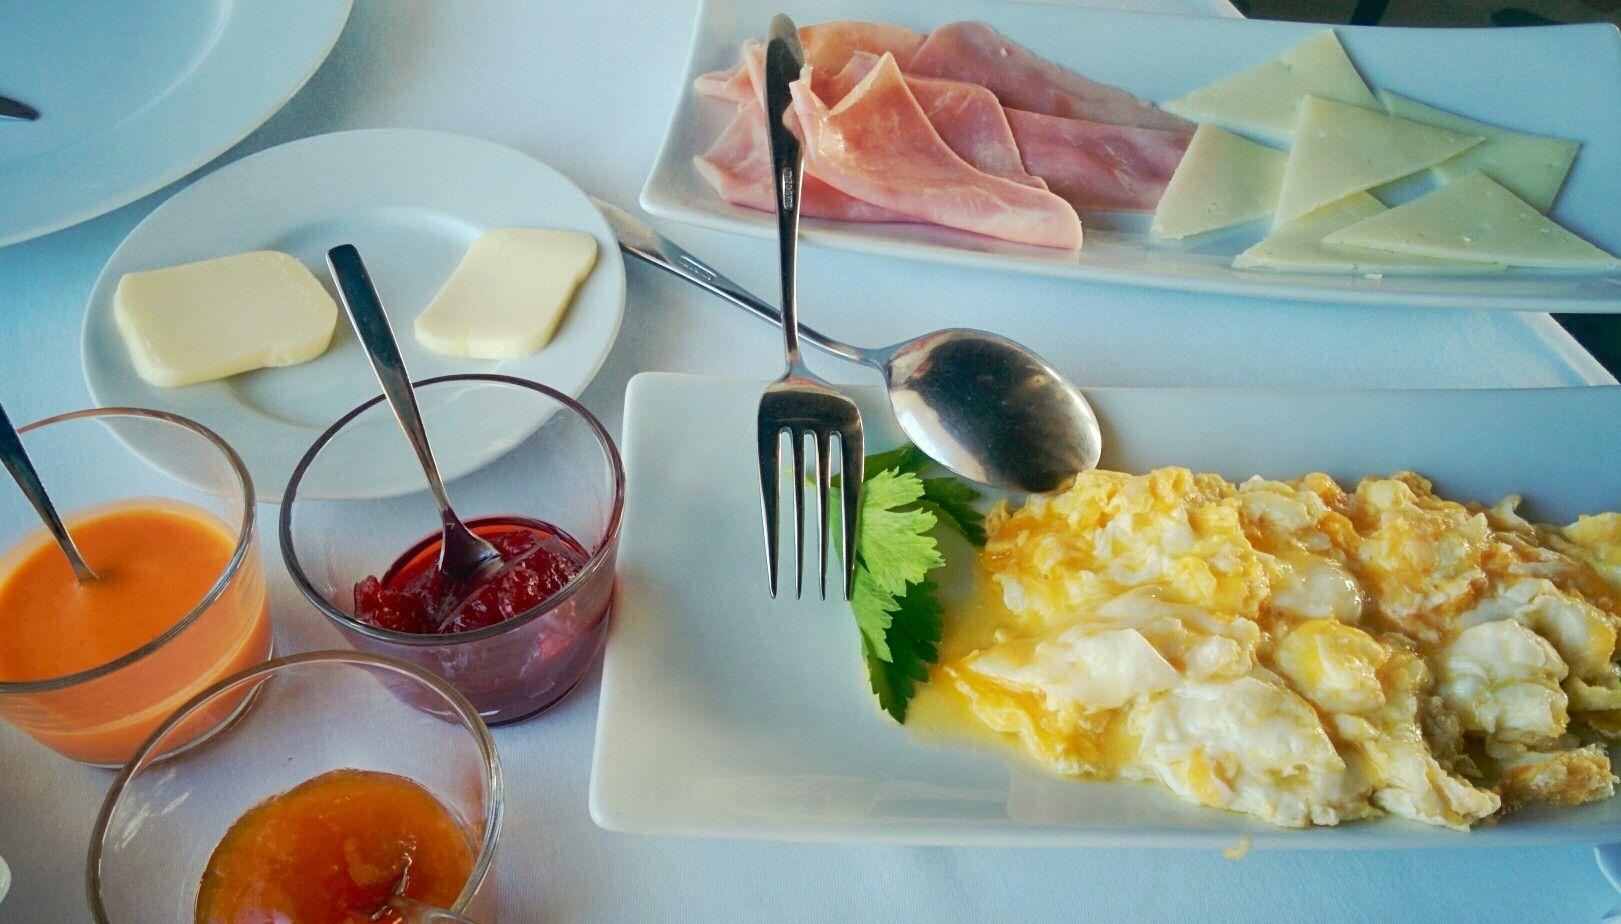 Buenos días, pervers@. Es cierto. El resto del desayuno es un poco menos sano. ;) Pero es la comida que más disfruto del día. A dieta cuando regrese de las vacaciones. Lo juro por Snoopy.